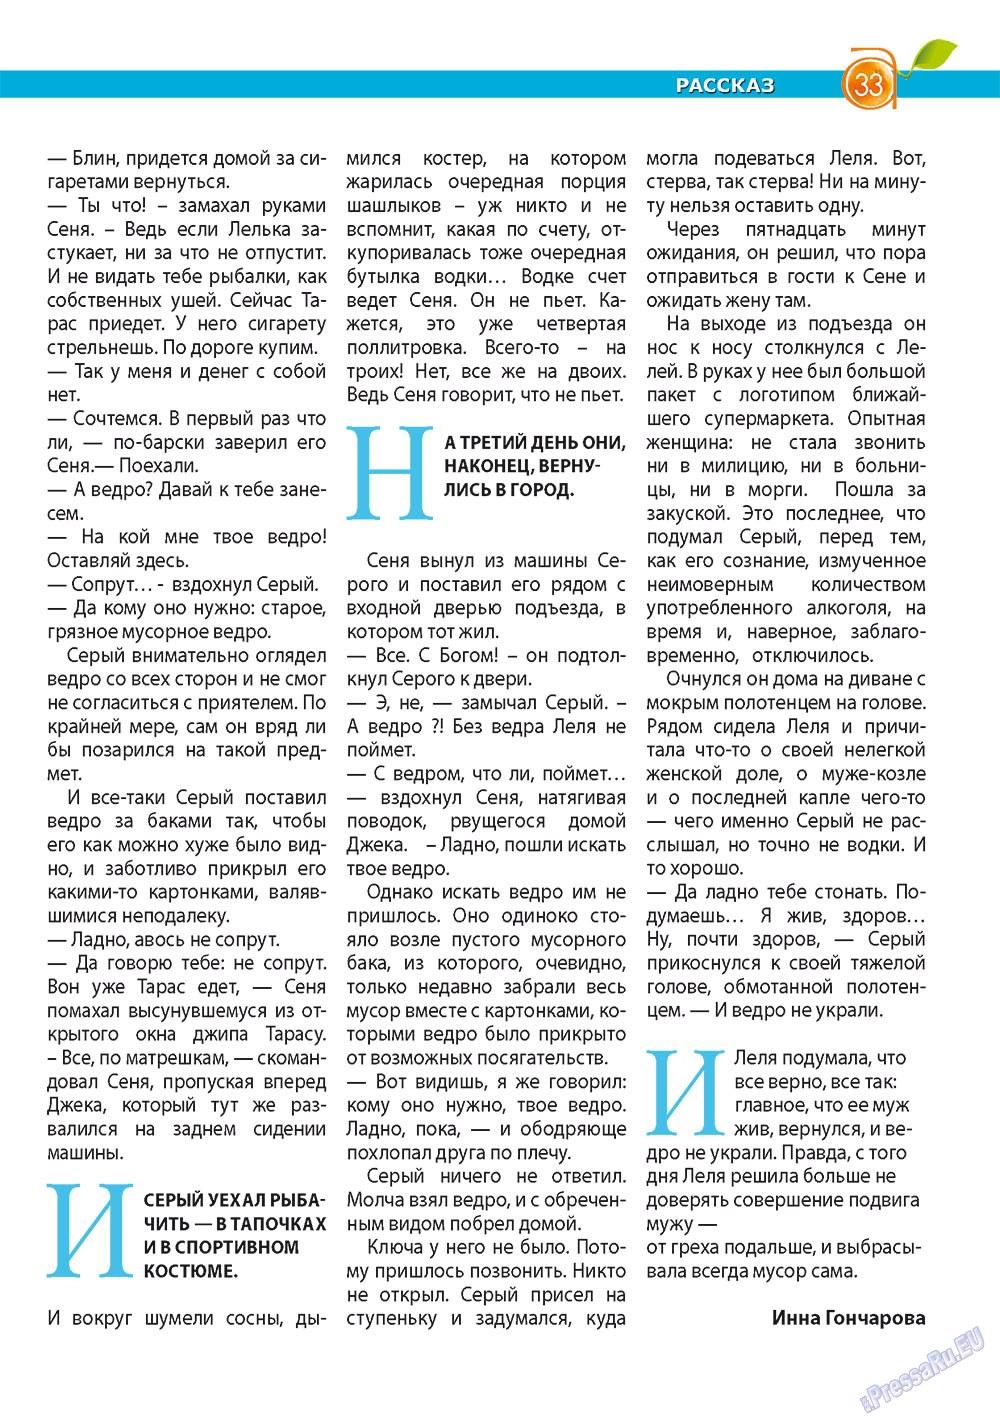 Апельсин (журнал). 2011 год, номер 24, стр. 33